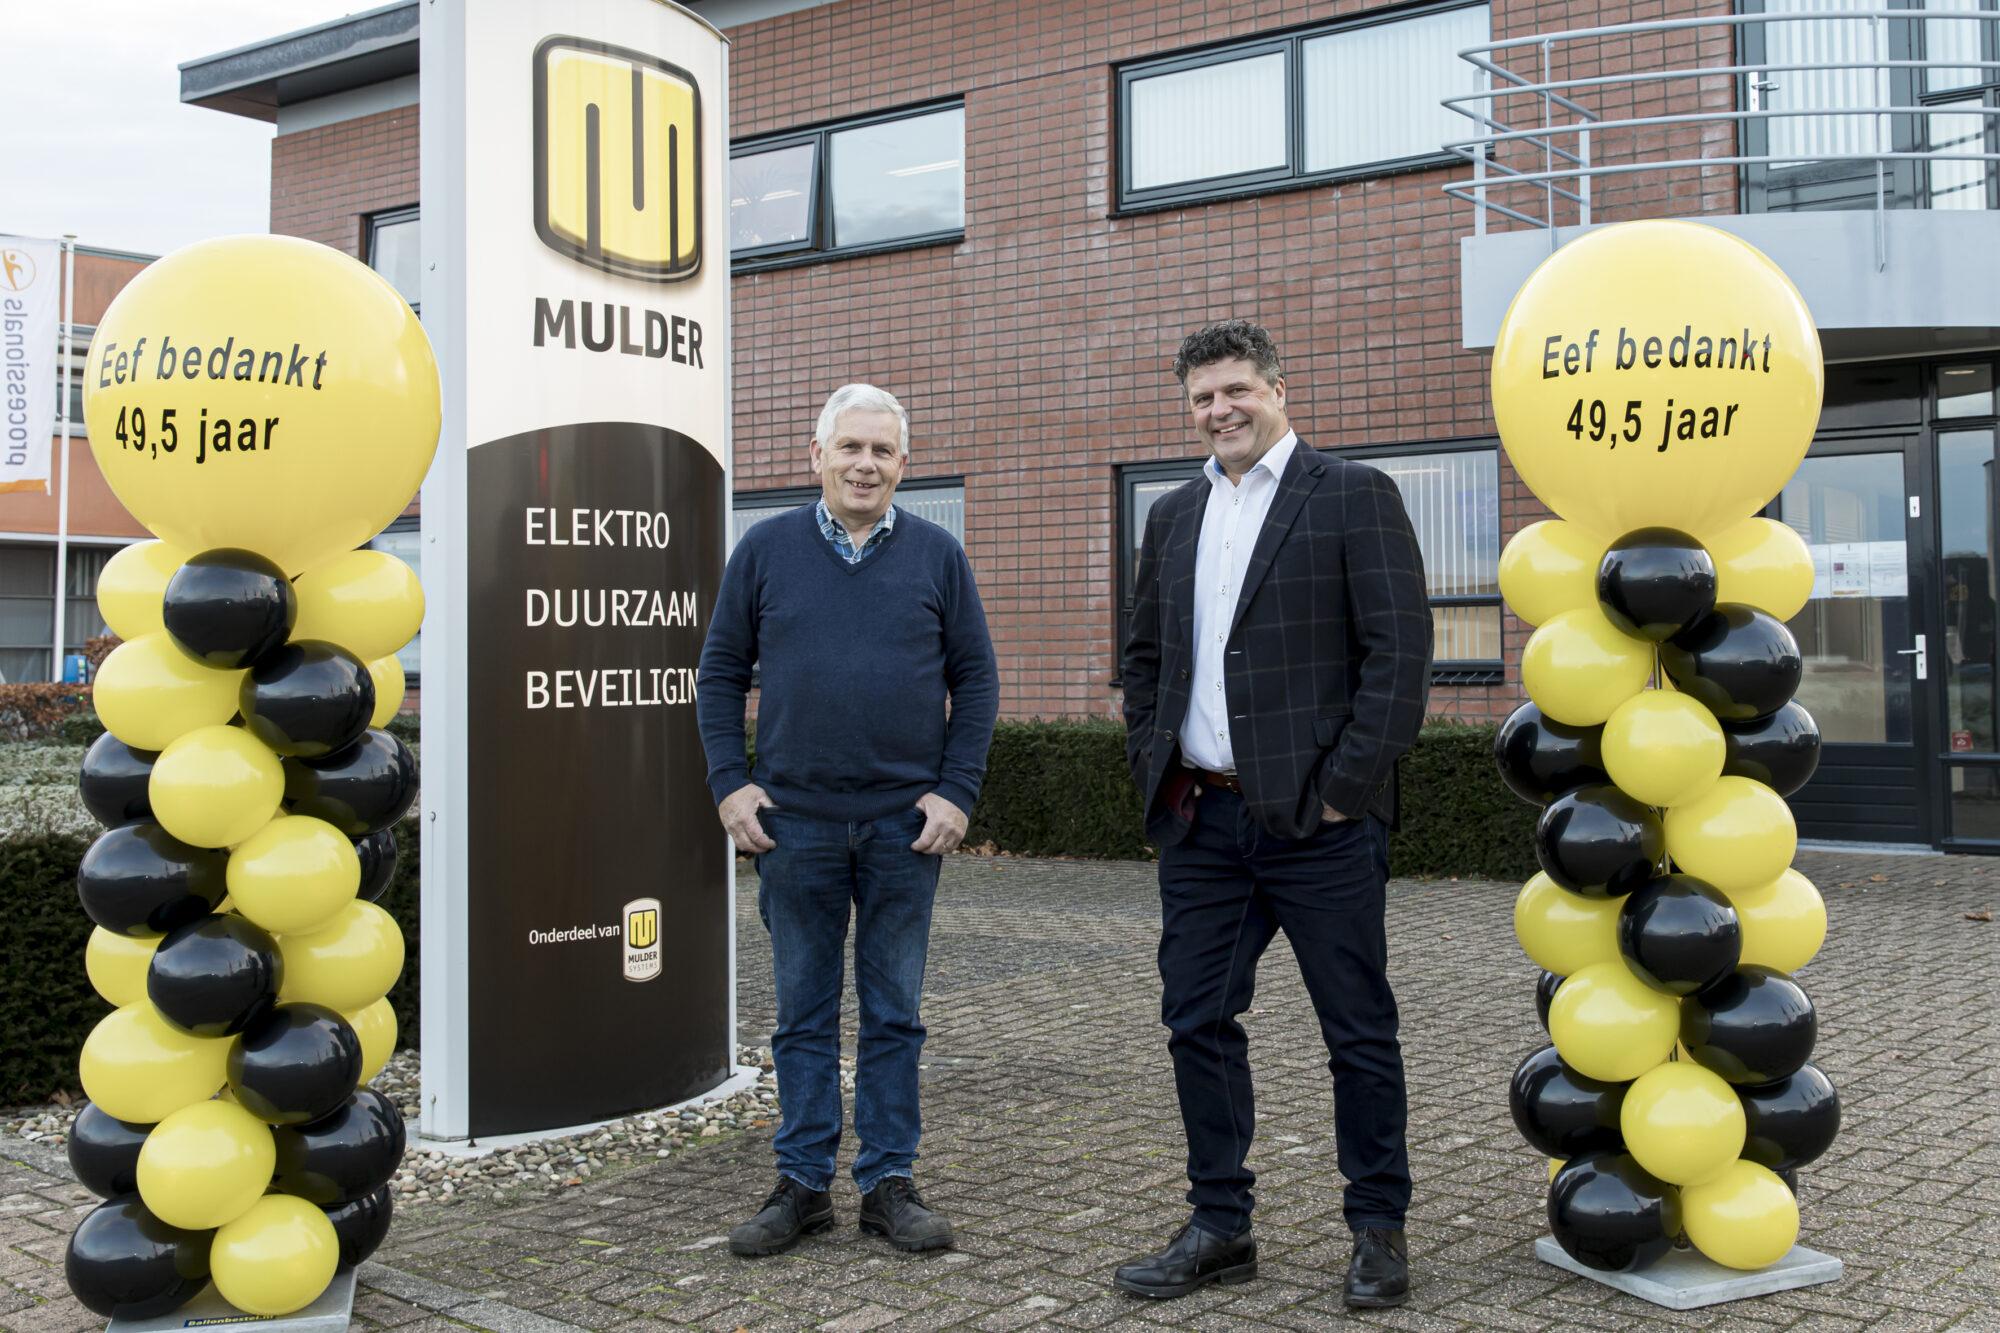 Na bijna 50 jaar dienstverband welverdiend pensioen voor Eef Berenschot